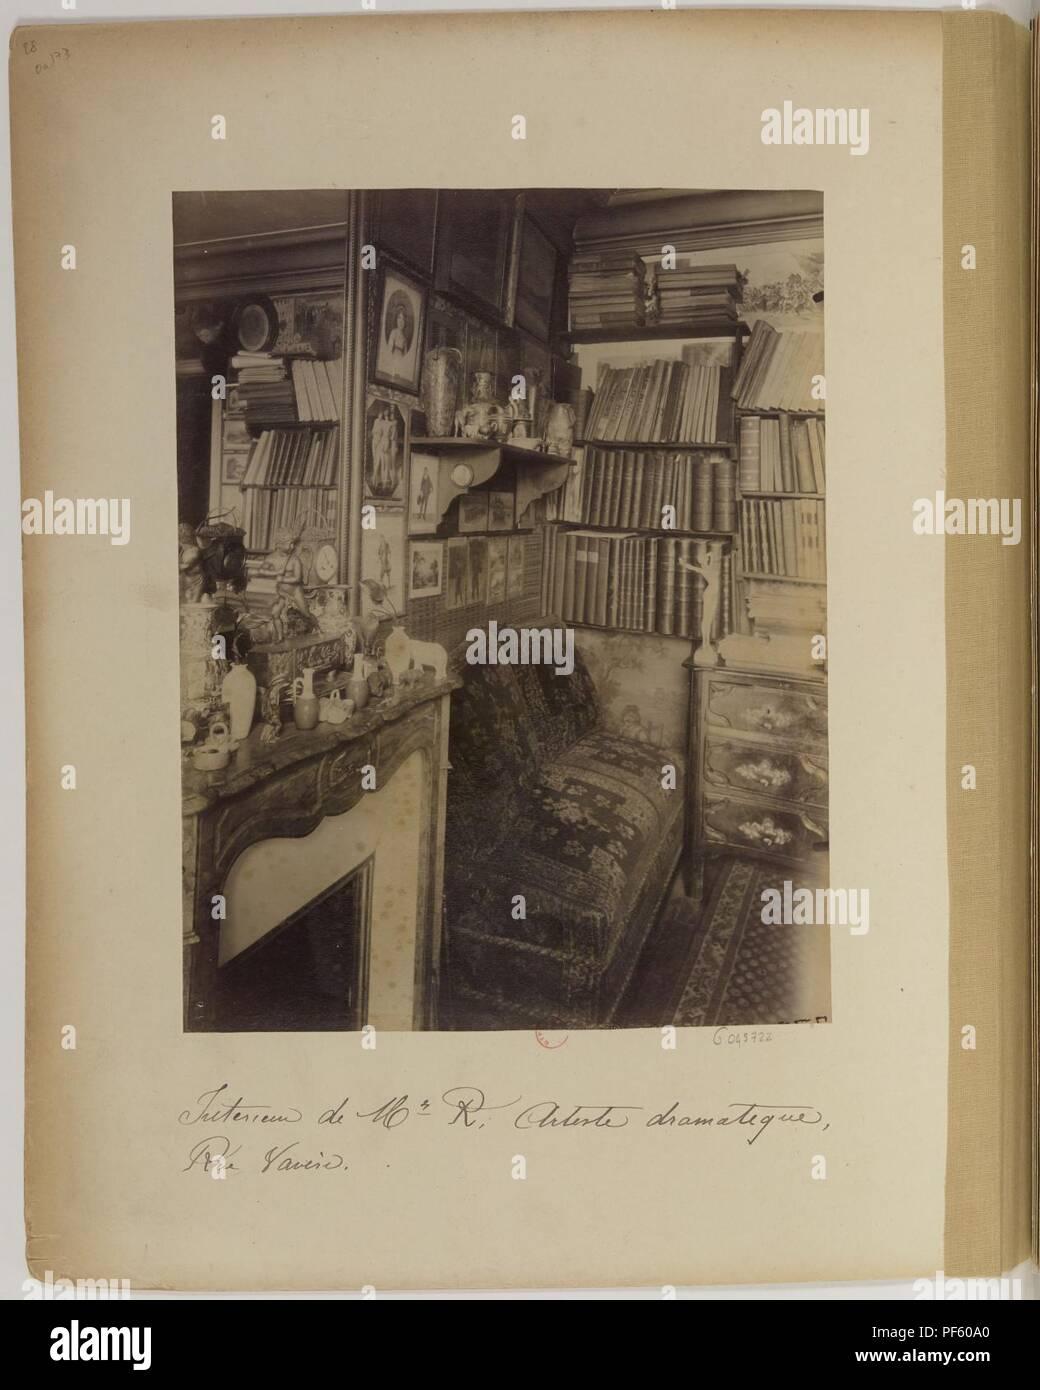 Atget Intérieur de M. R. artiste dramatique rue Vavin. - Stock Image